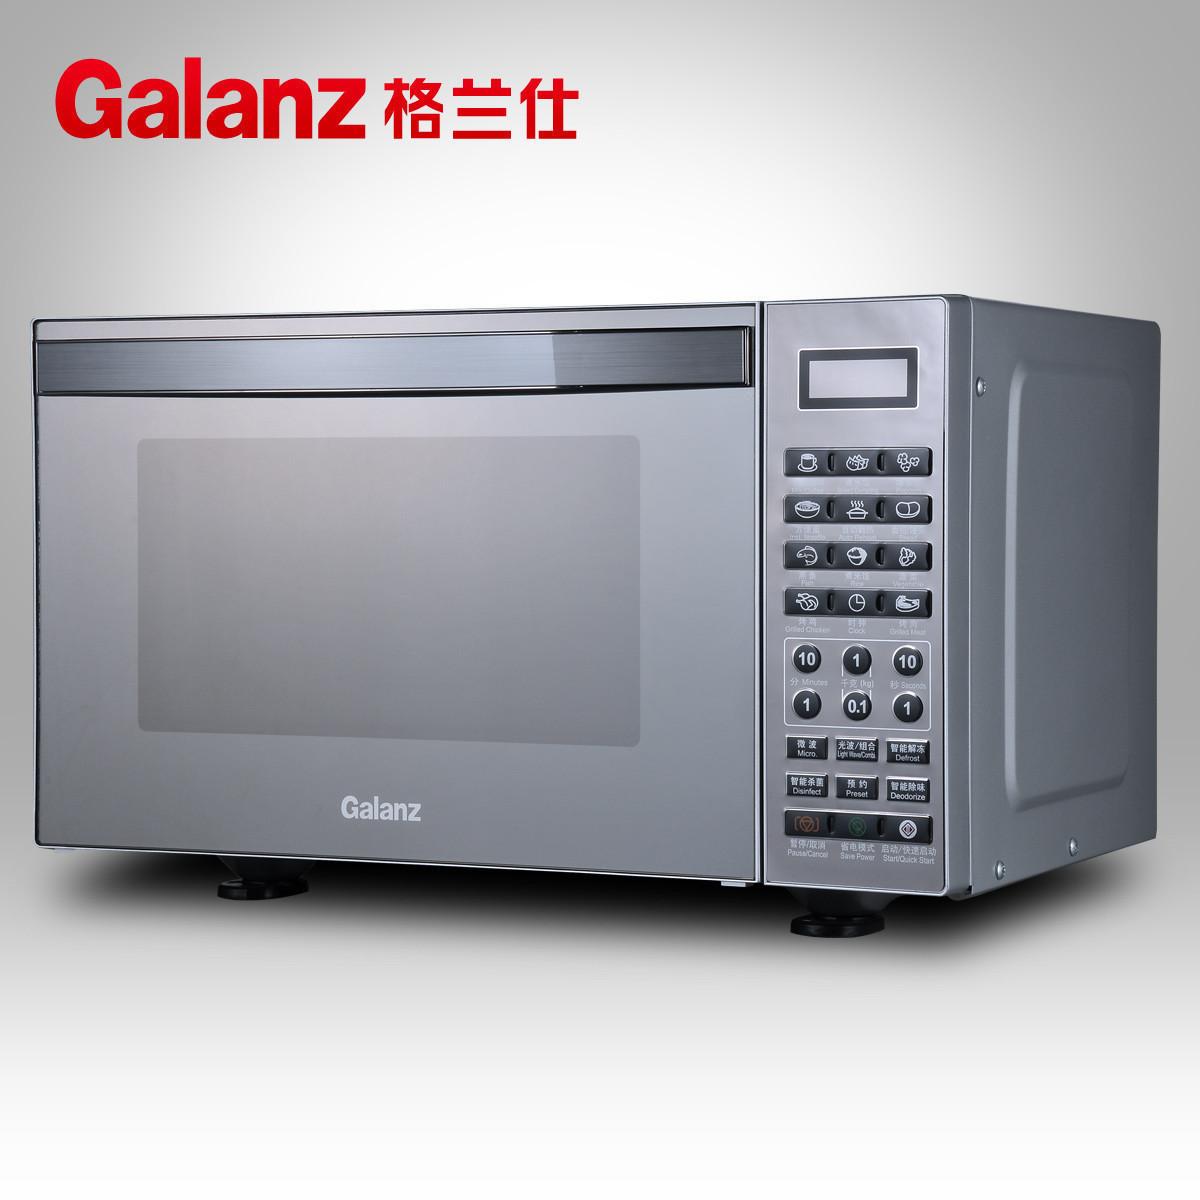 雅乐思光波炉gb21a电控板电路图